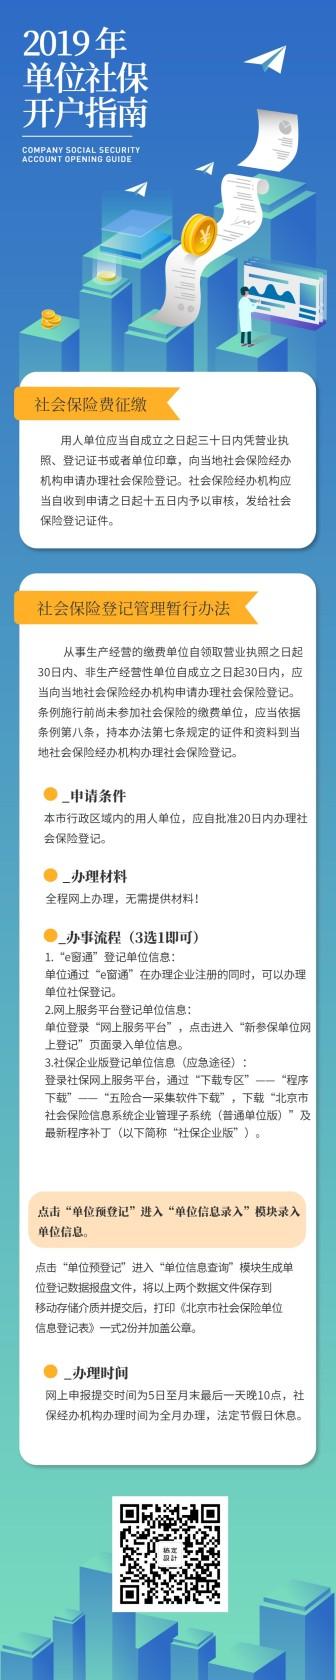 2019年单位社保开户指南教程金融文章长图